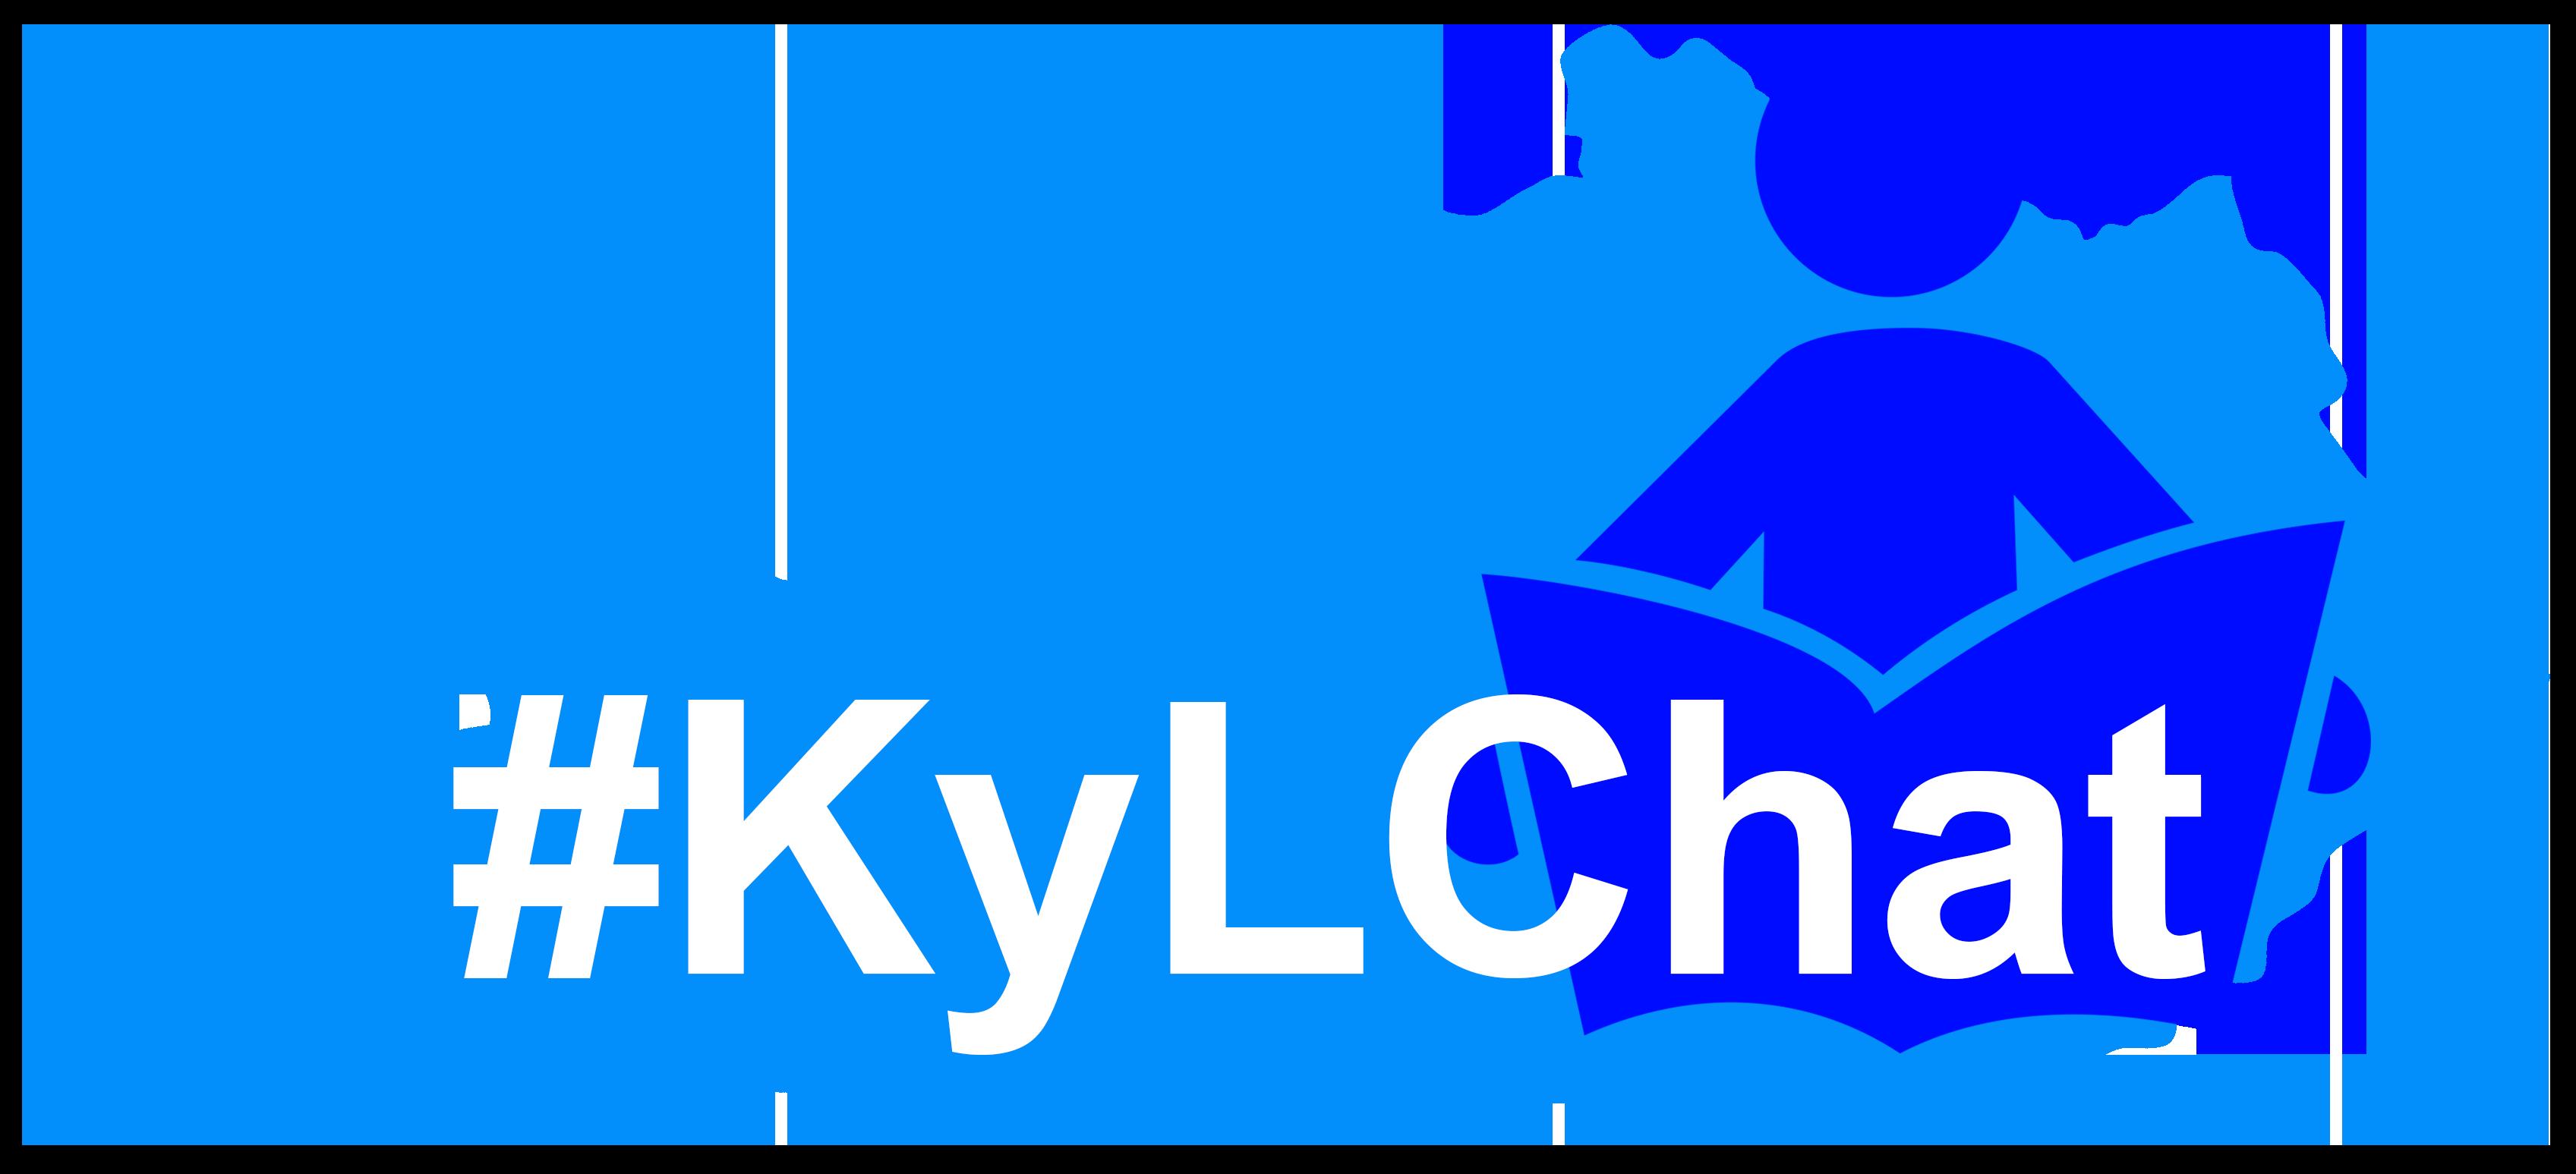 KyLChat logo